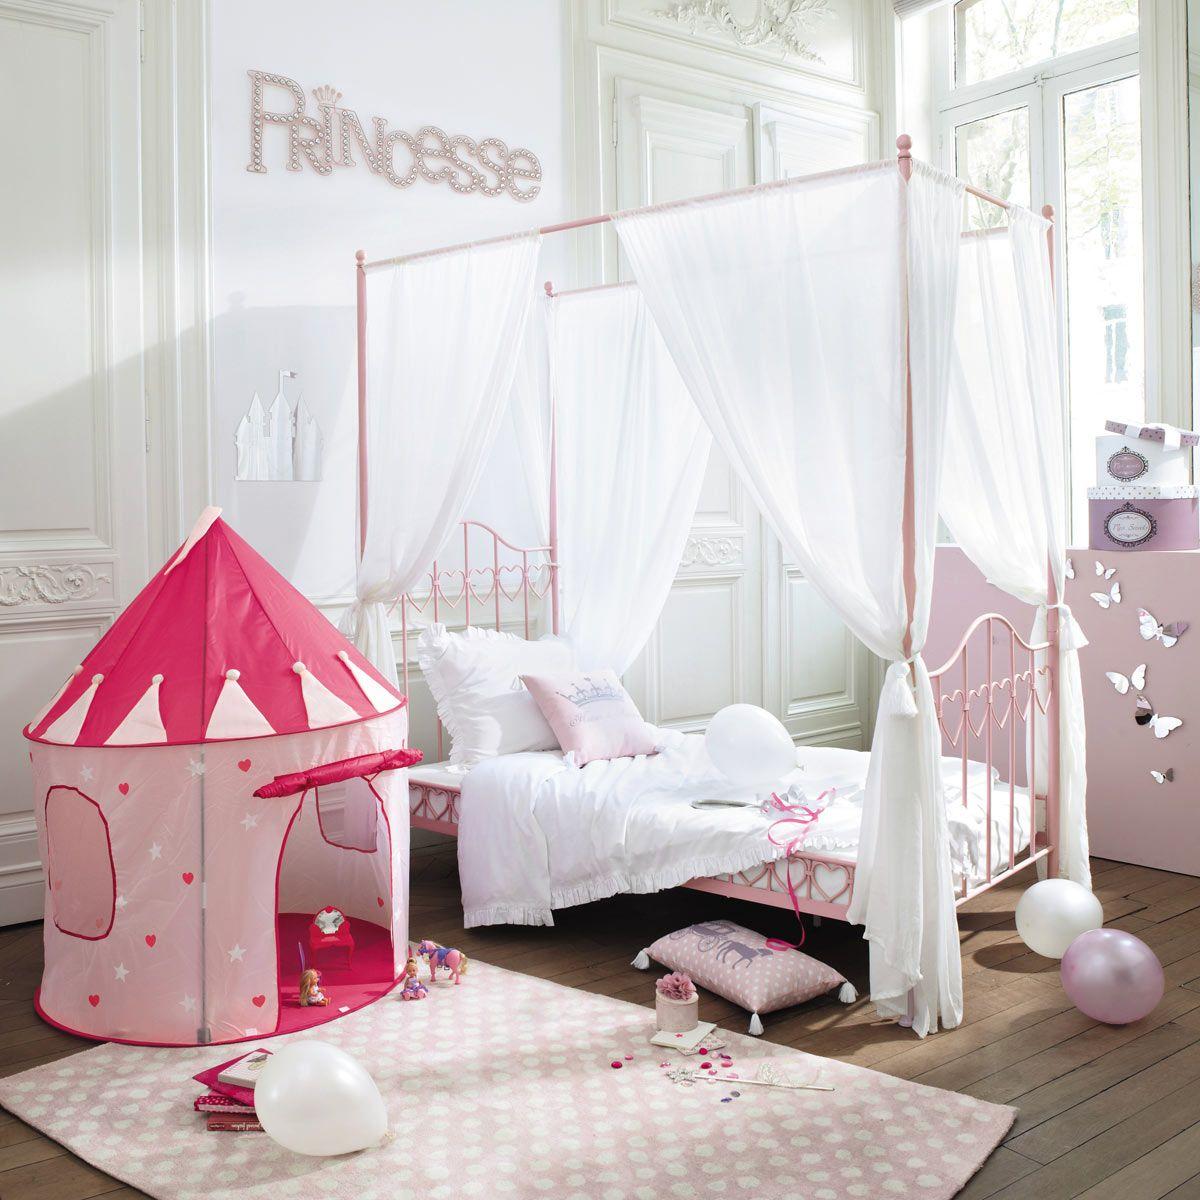 Lit A Baldaquin 90x190 En Metal Rose Pink Room Lit Baldaquin